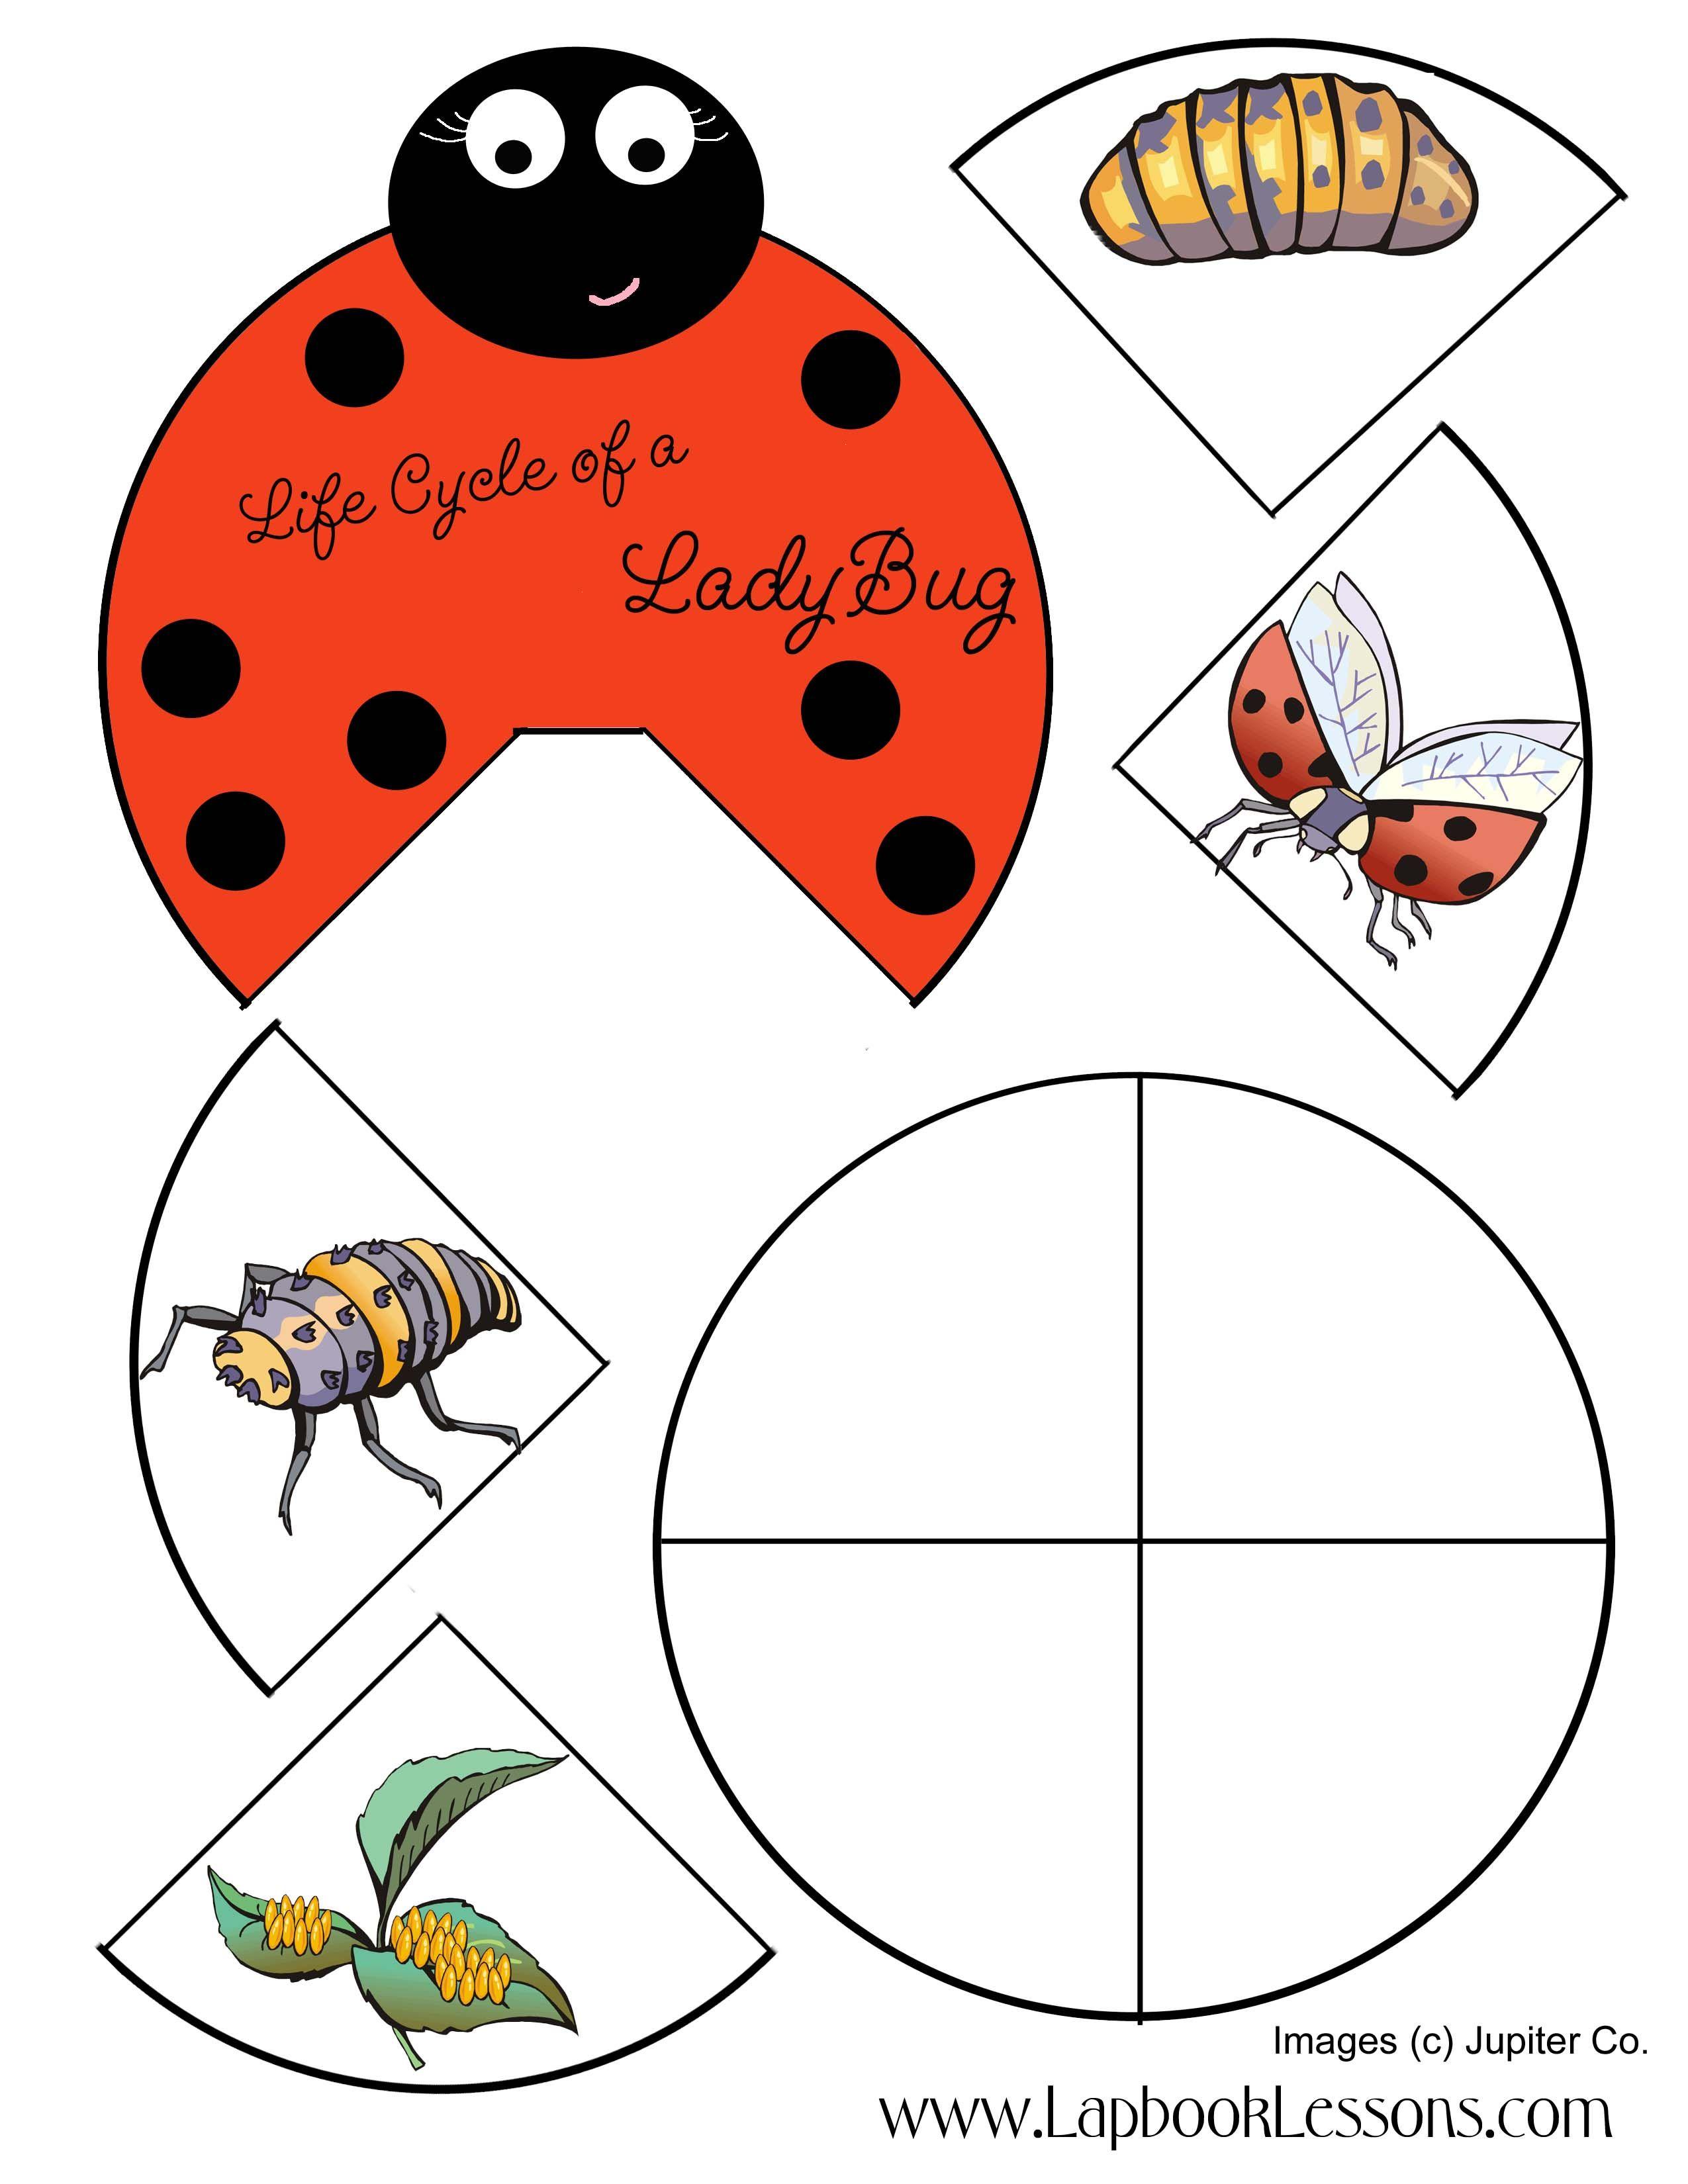 The Grouchy Ladybug Ciclos De Vida Ciencia Para Ninos Ciencia